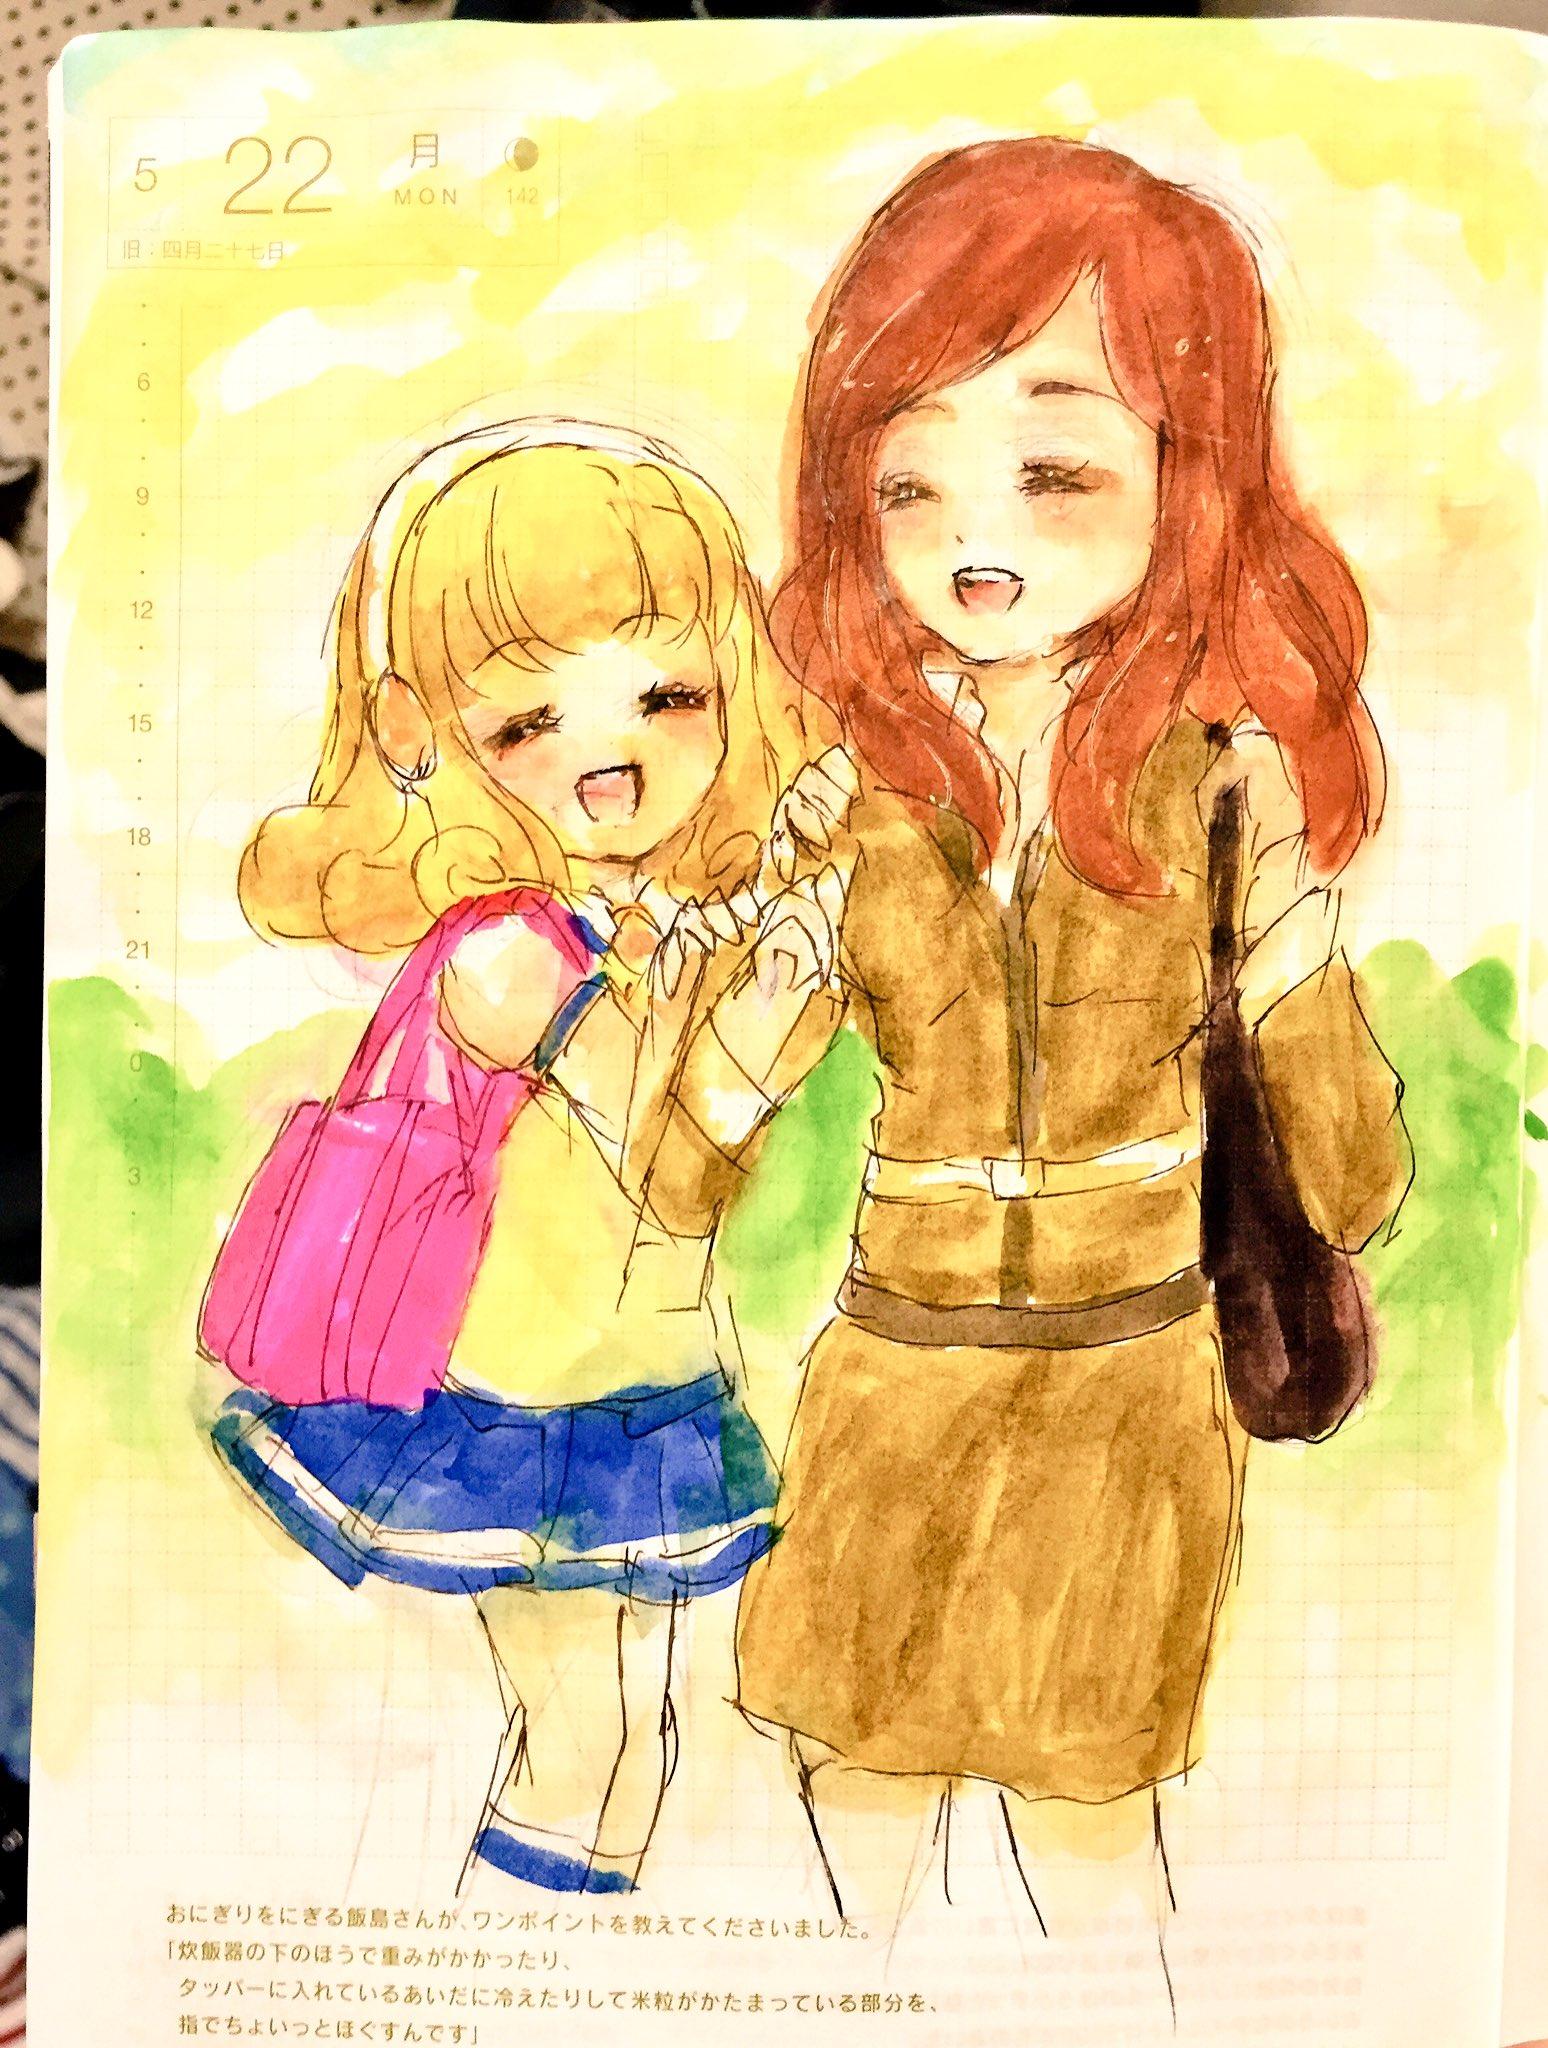 佐野りお (@cmw_rrk)さんのイラスト